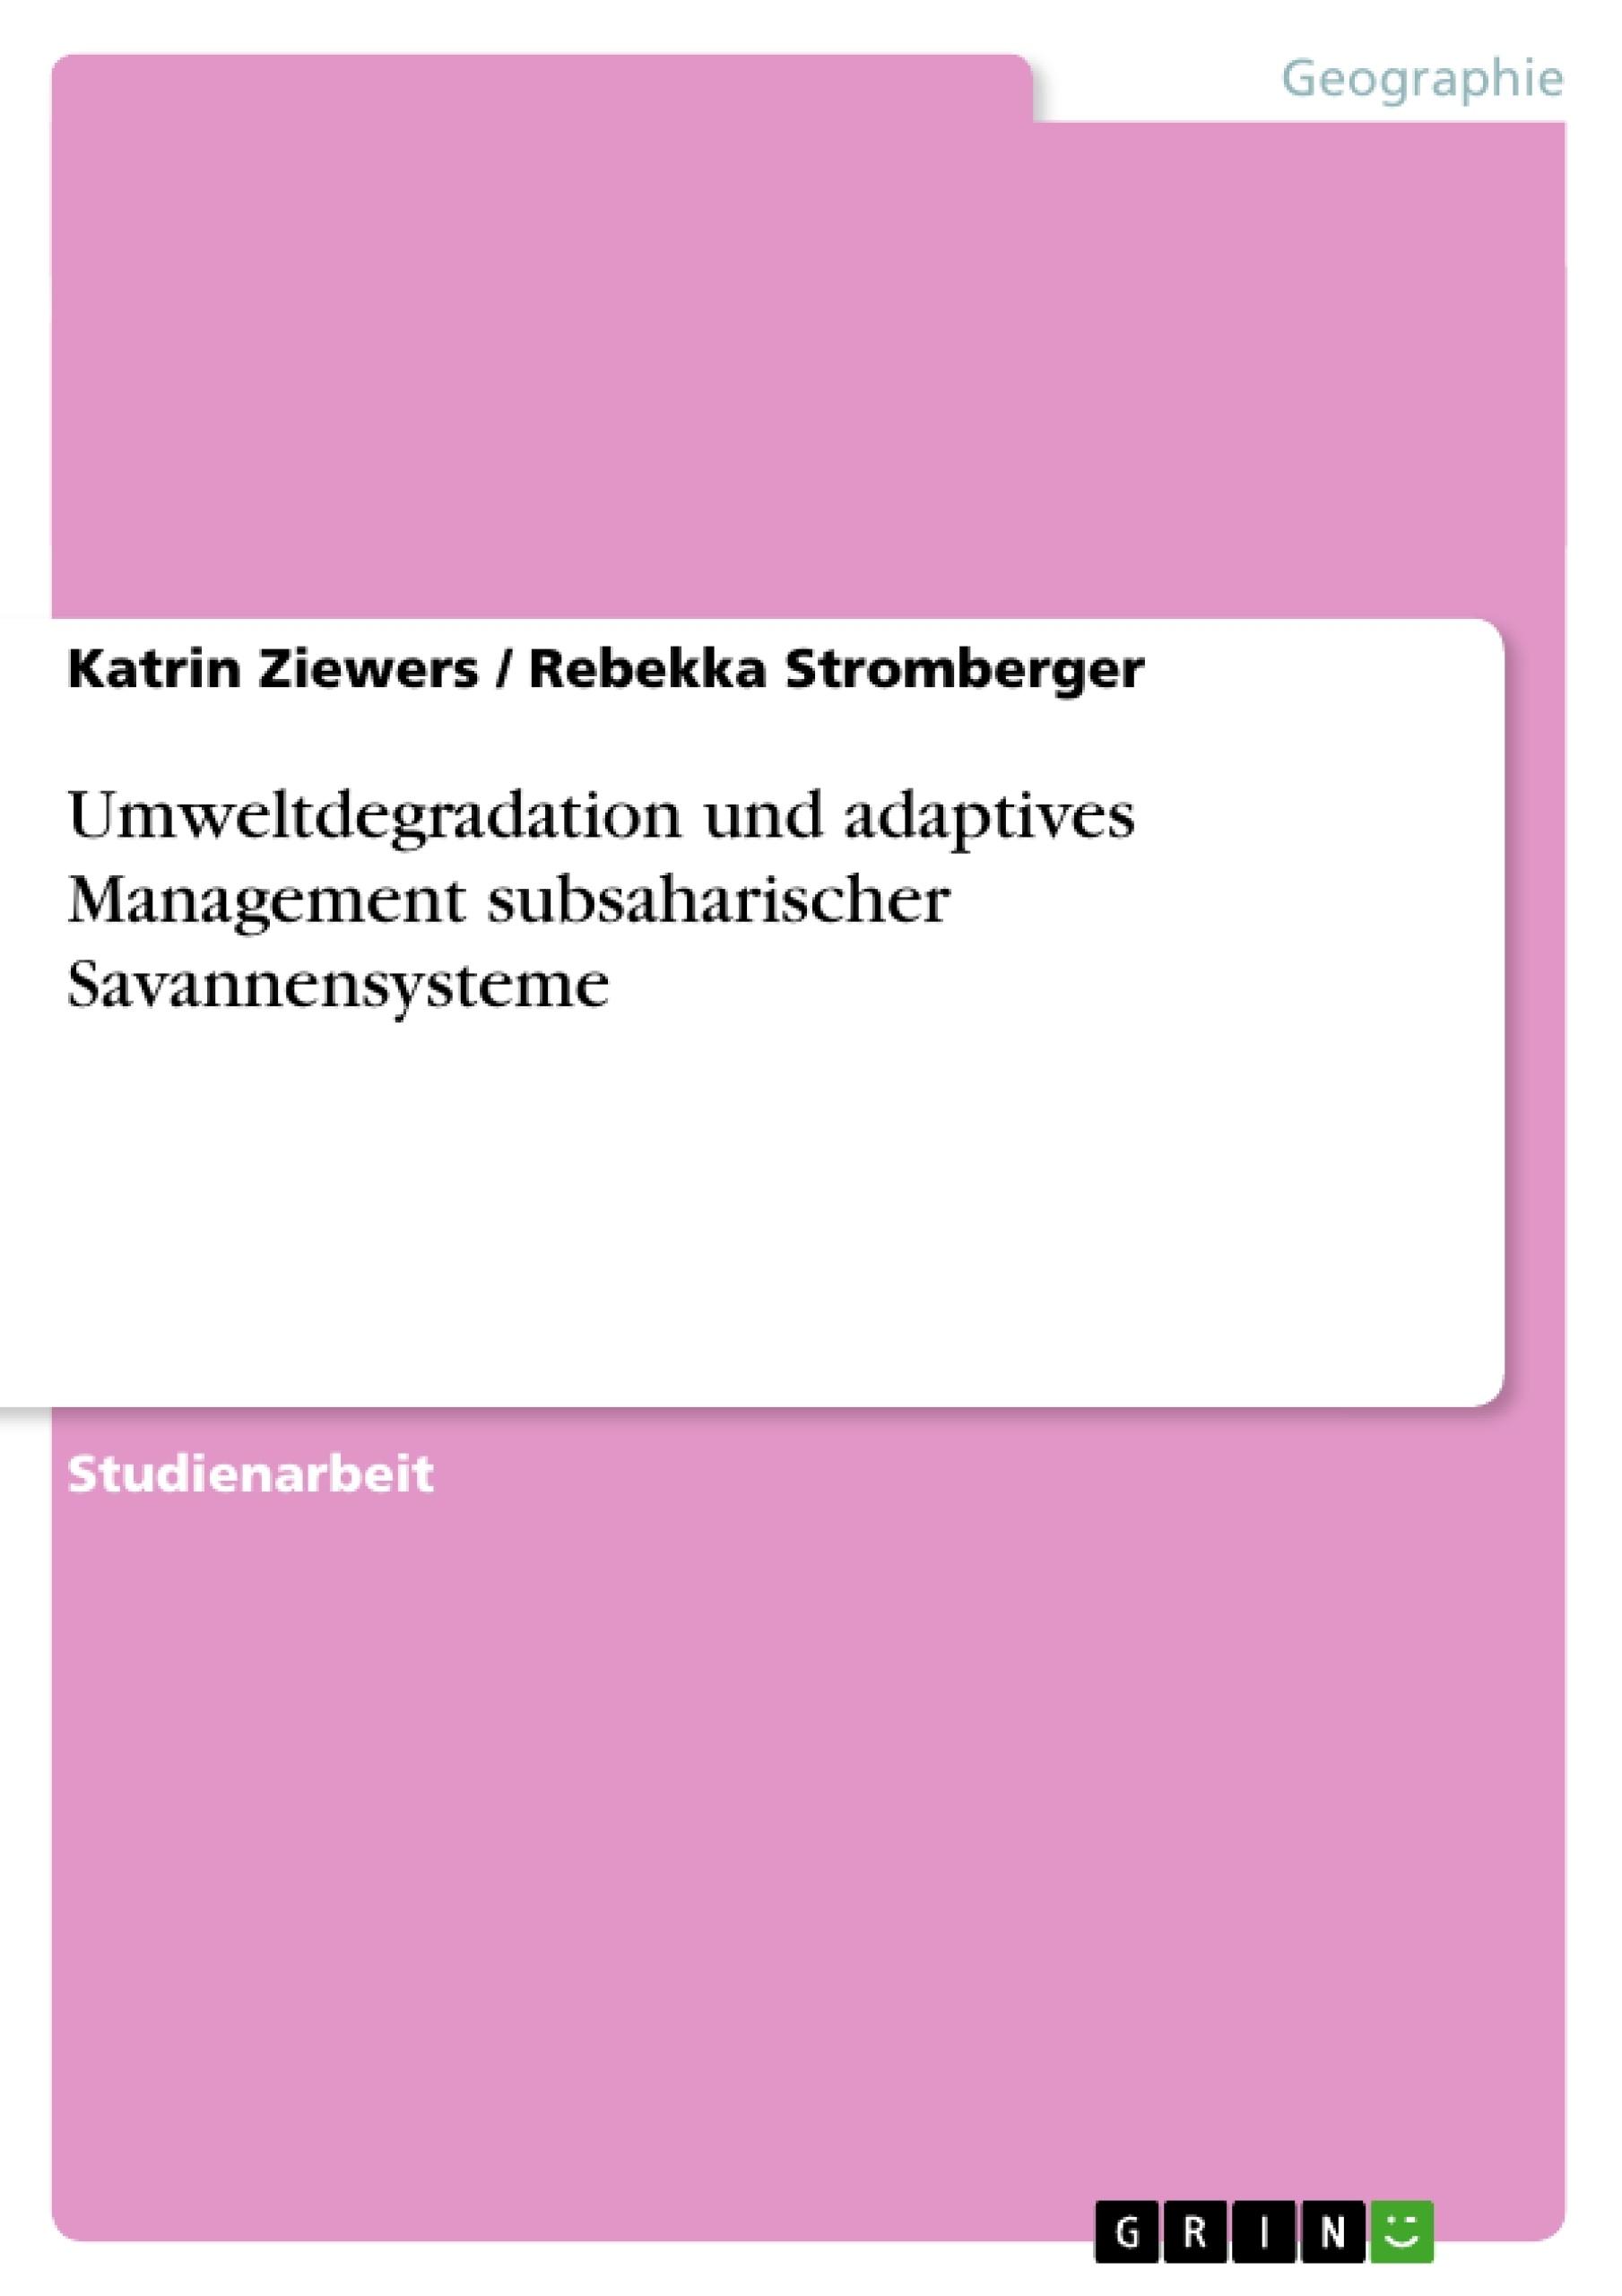 Titel: Umweltdegradation und adaptives Management subsaharischer Savannensysteme